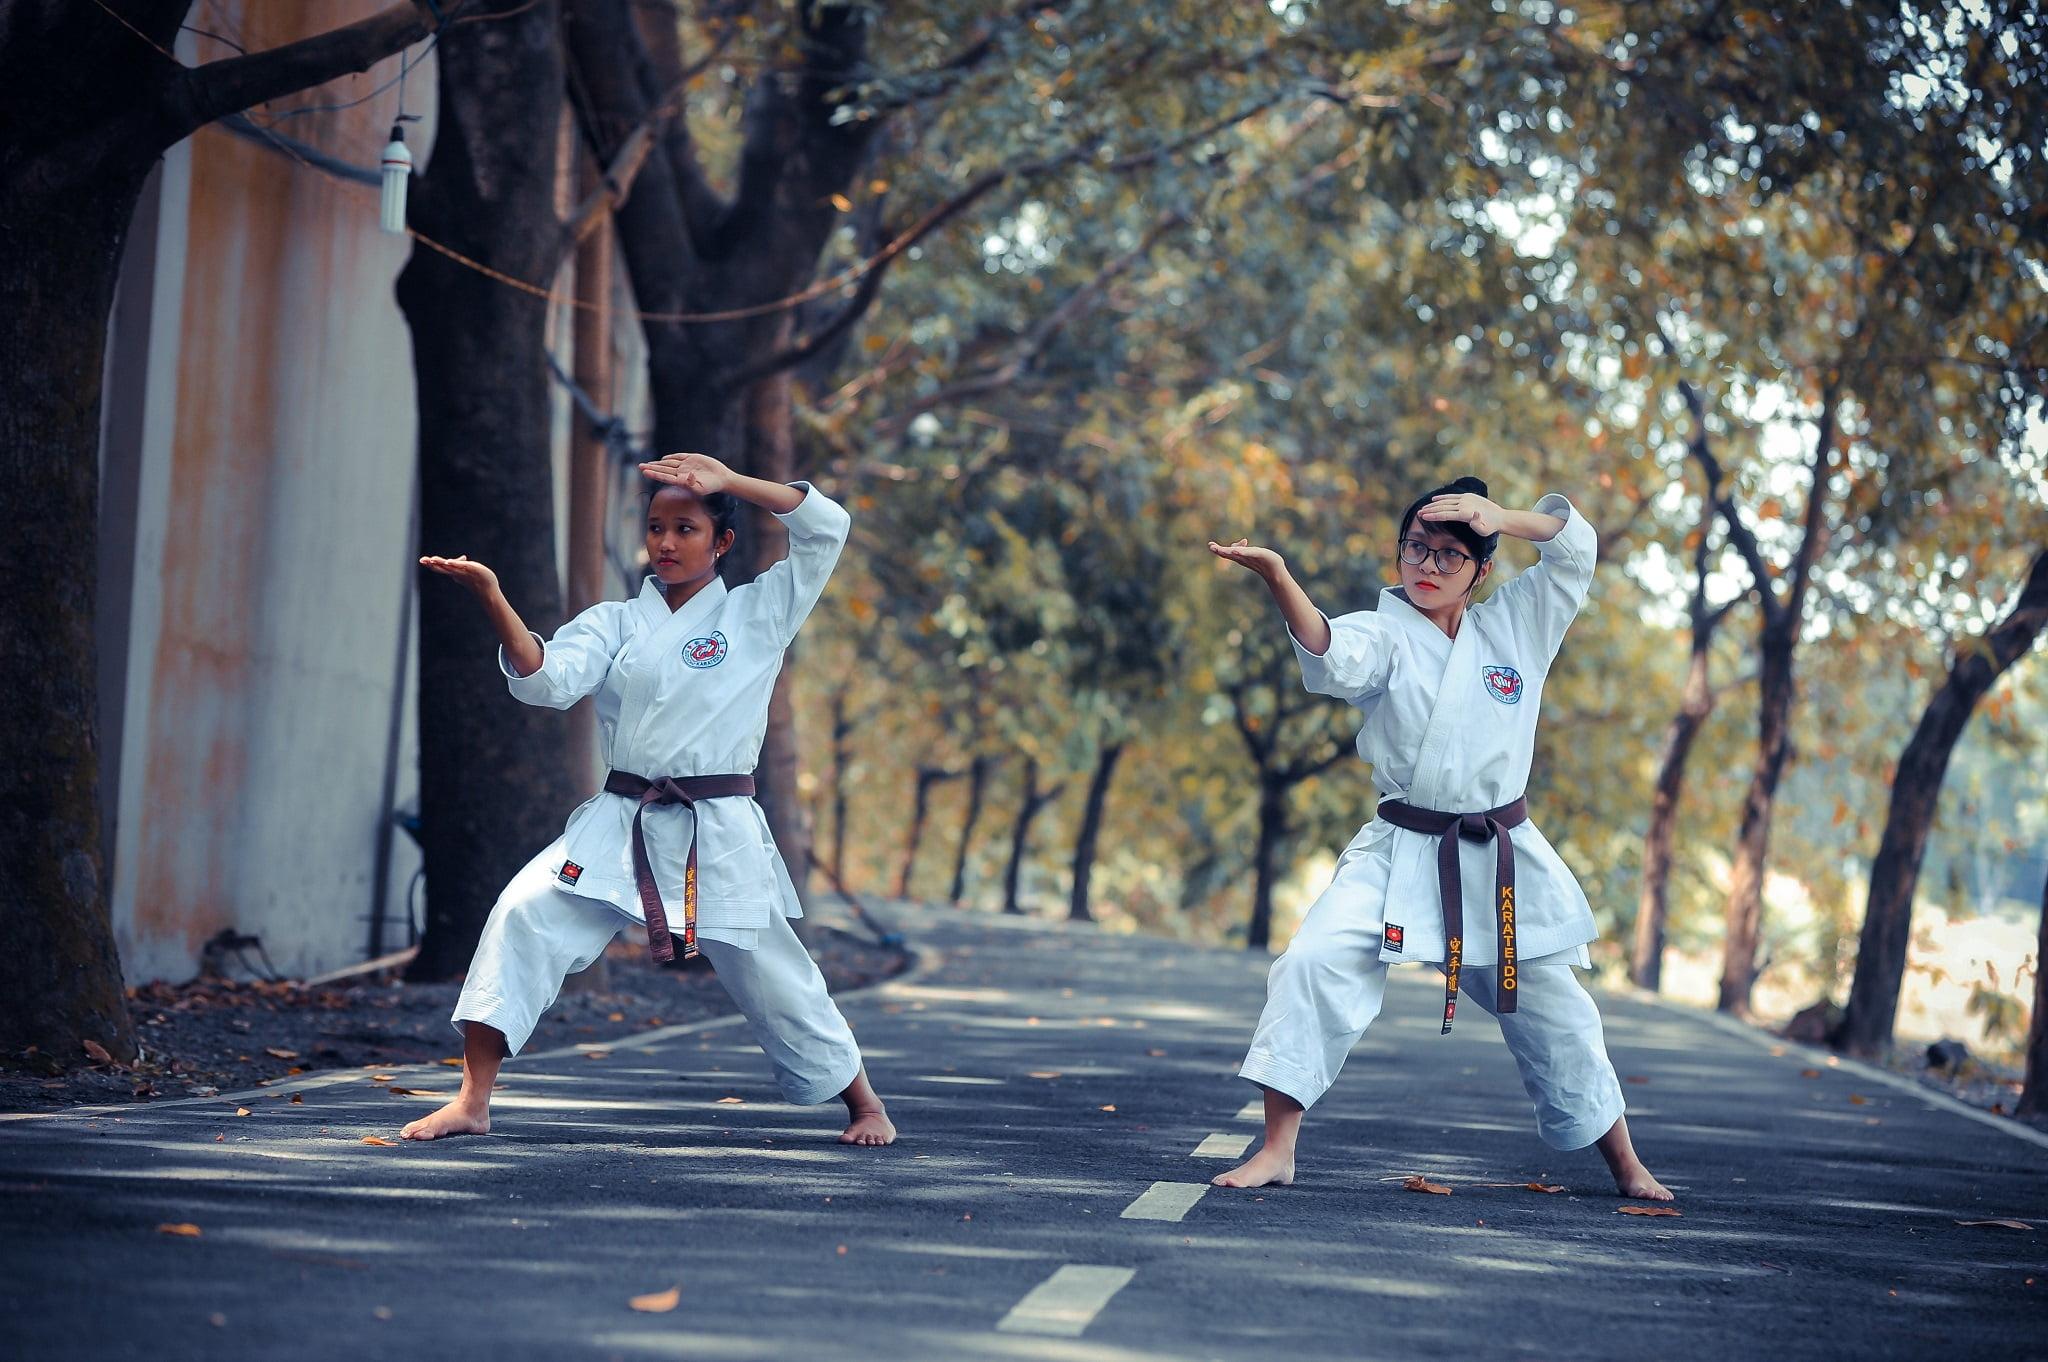 DSC 1247 - Chụp ảnh võ thuật ở KDL Thủy Châu